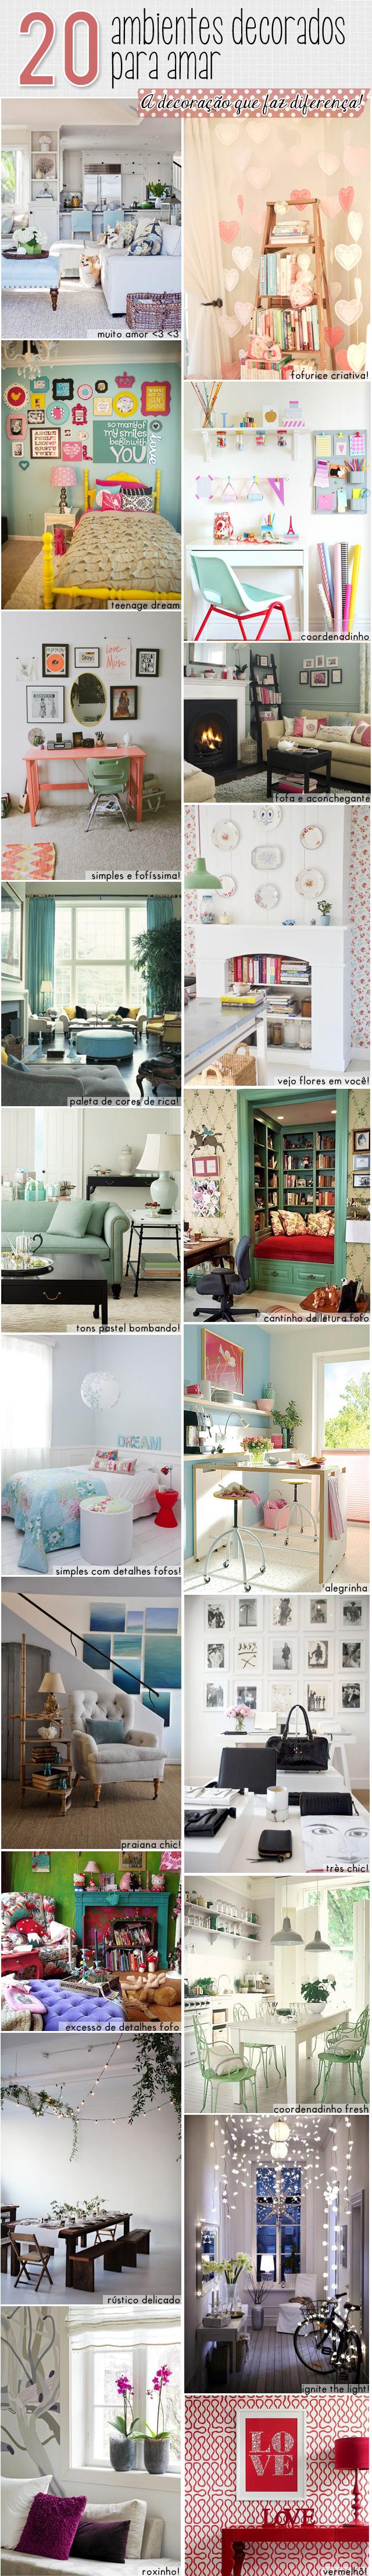 meio-vintage-20-ambientes-decorados-para-amar